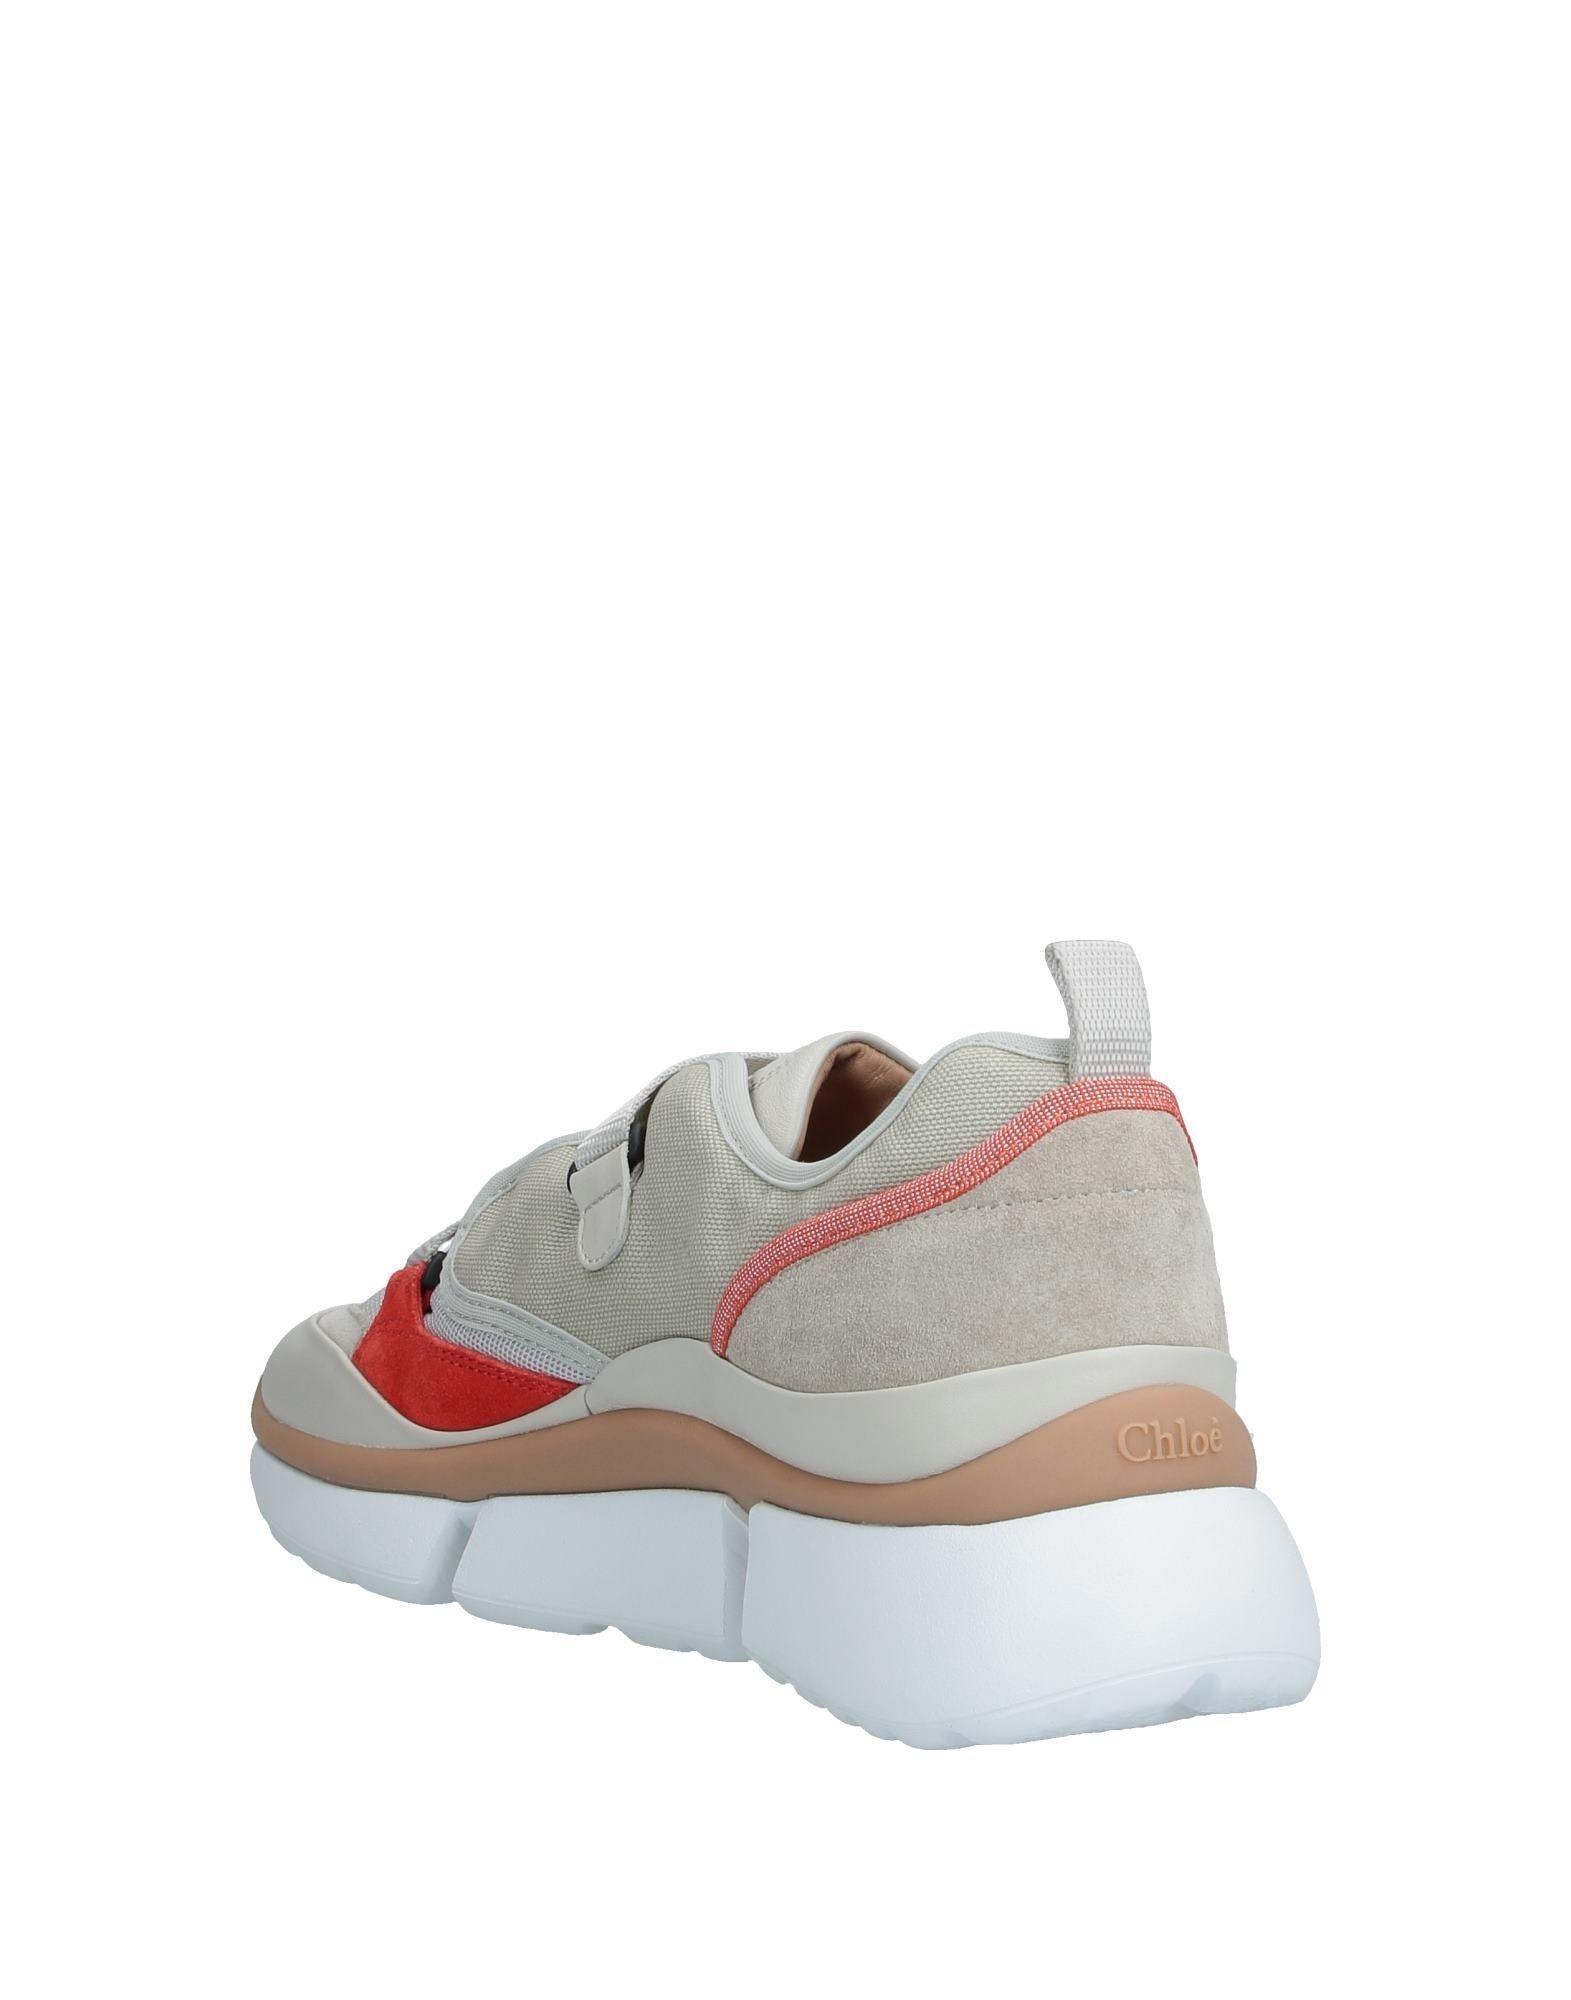 Sneakers & Deportivas Chloé de Cuero de color Gris